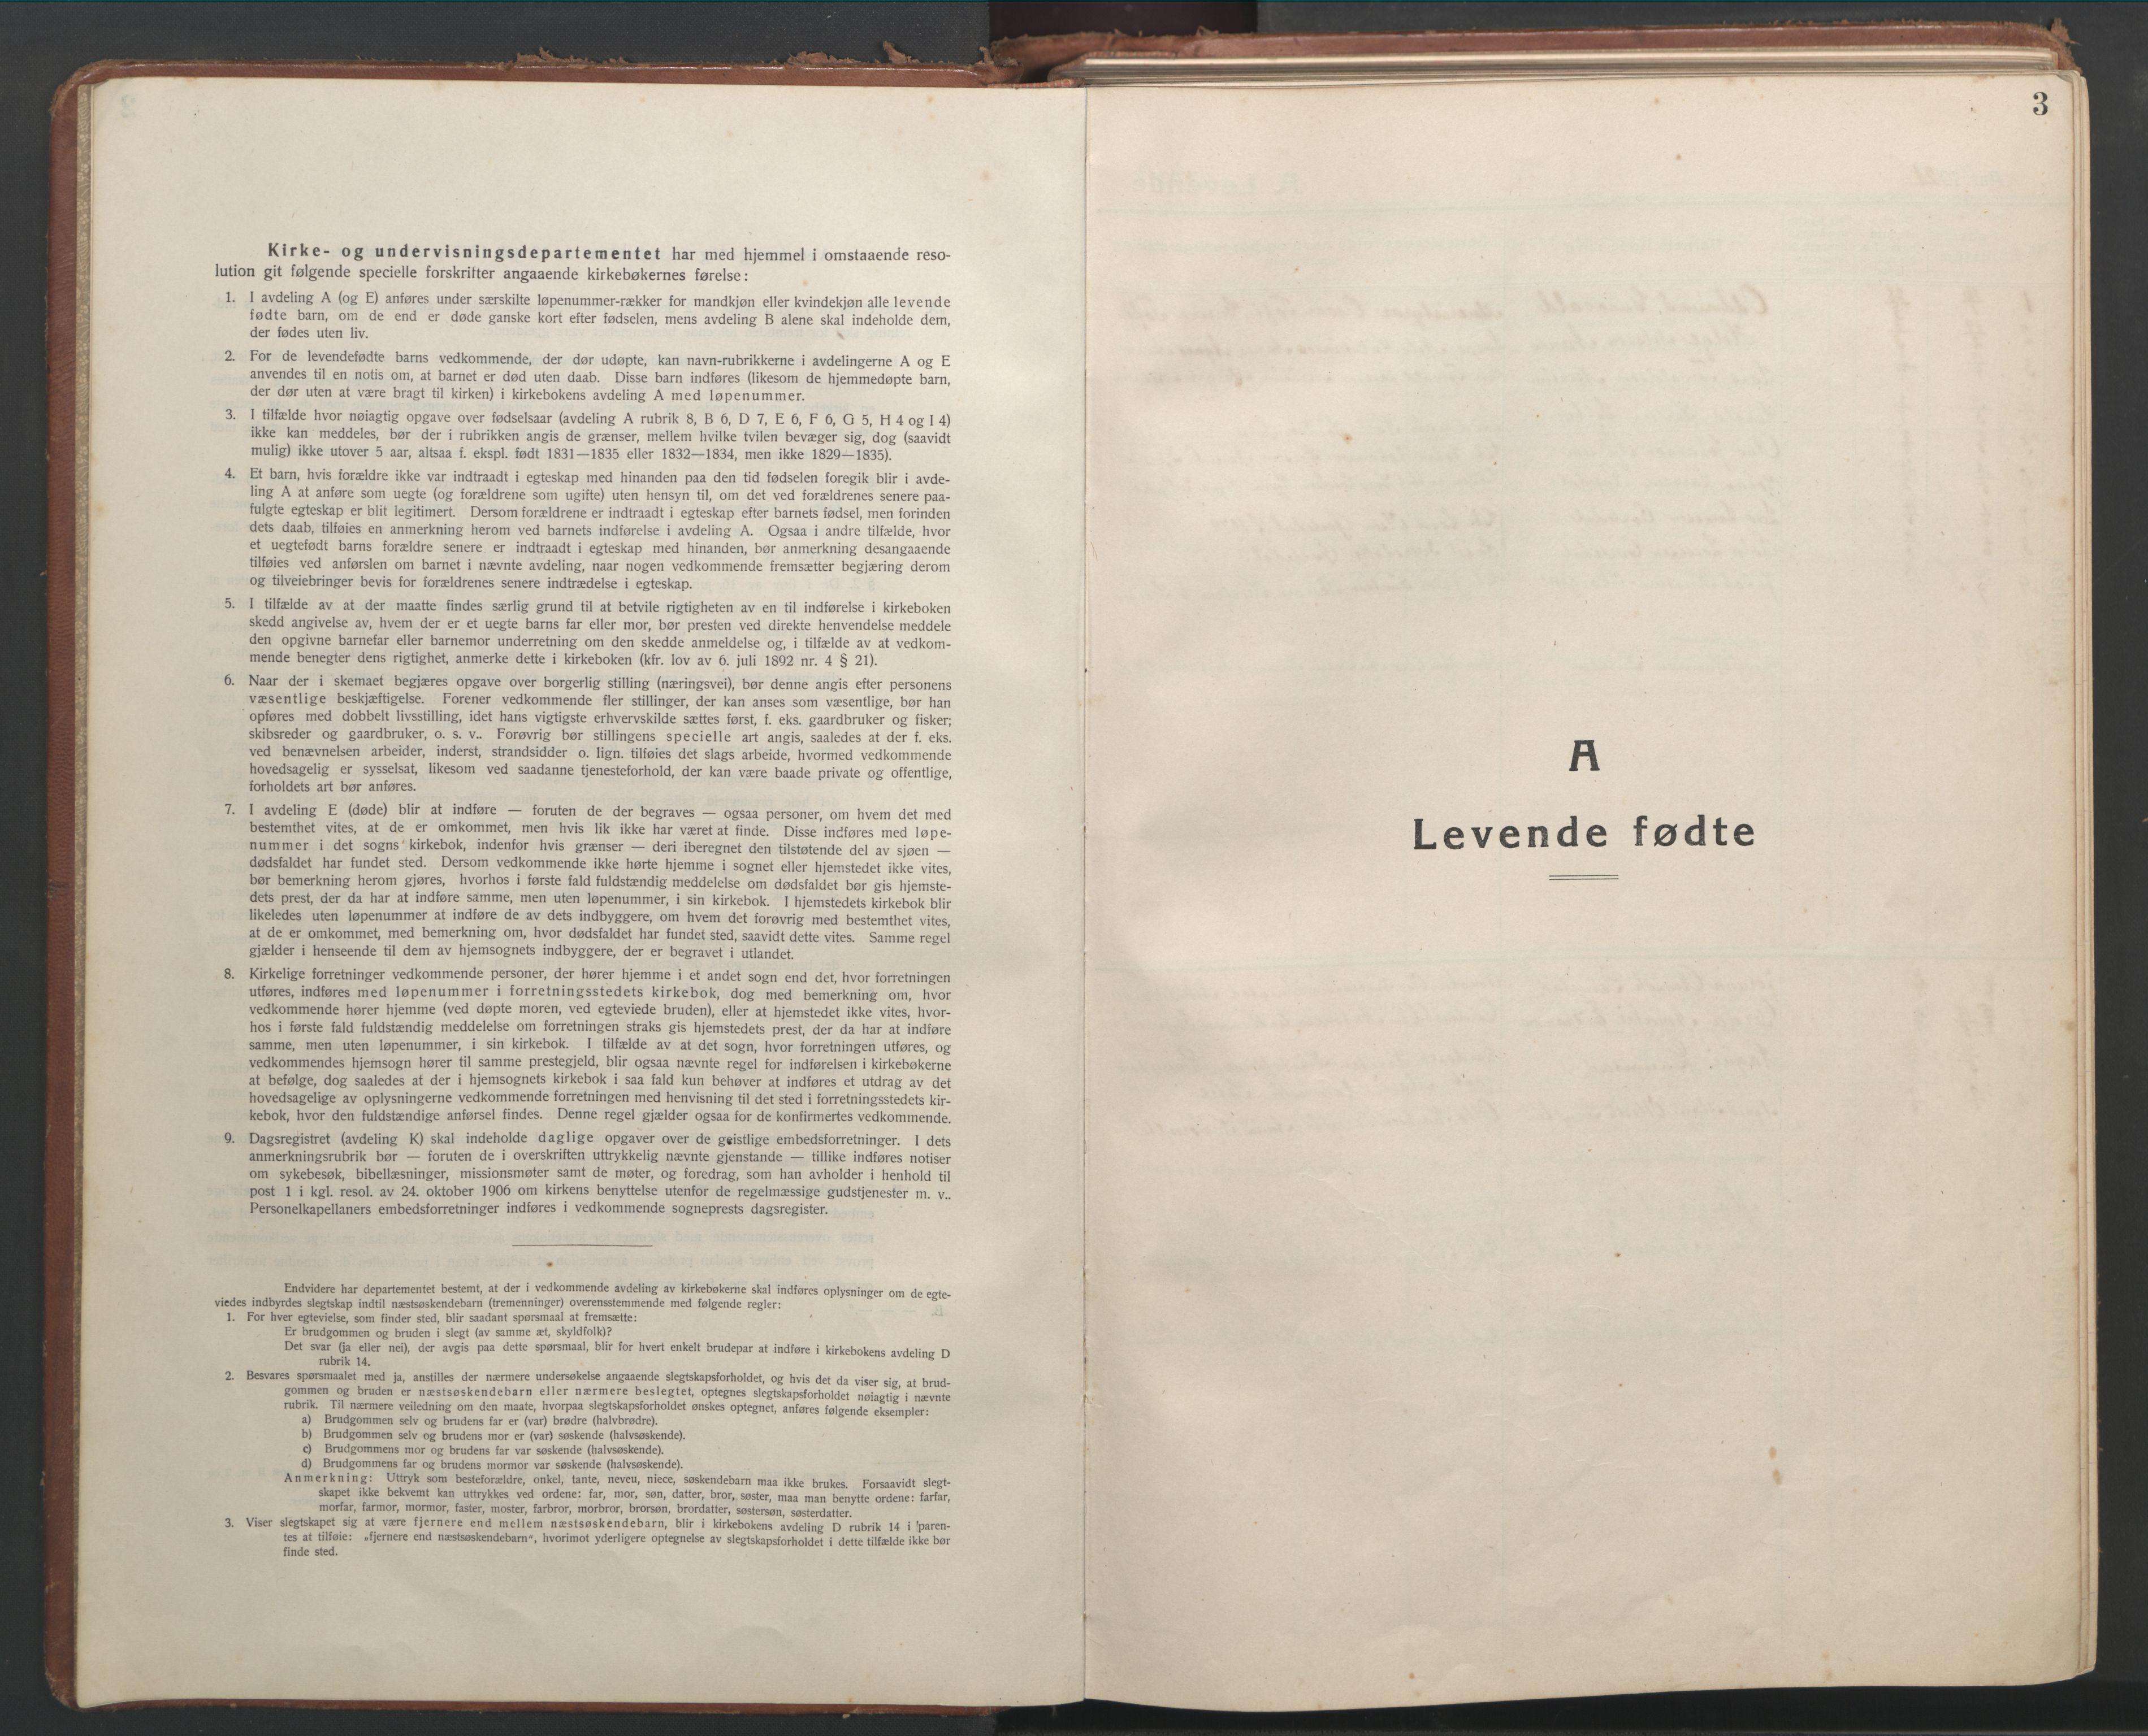 SAT, Ministerialprotokoller, klokkerbøker og fødselsregistre - Møre og Romsdal, 541/L0548: Klokkerbok nr. 541C03, 1921-1960, s. 3